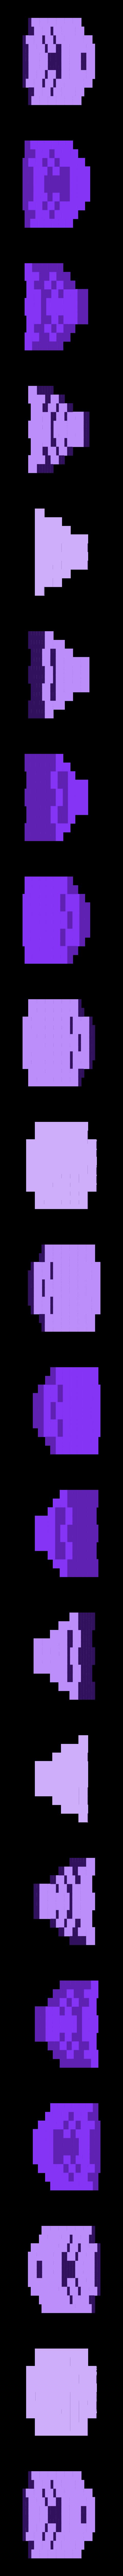 White_Center.stl Télécharger fichier STL gratuit Goomba 8 Bits • Objet à imprimer en 3D, conceptify